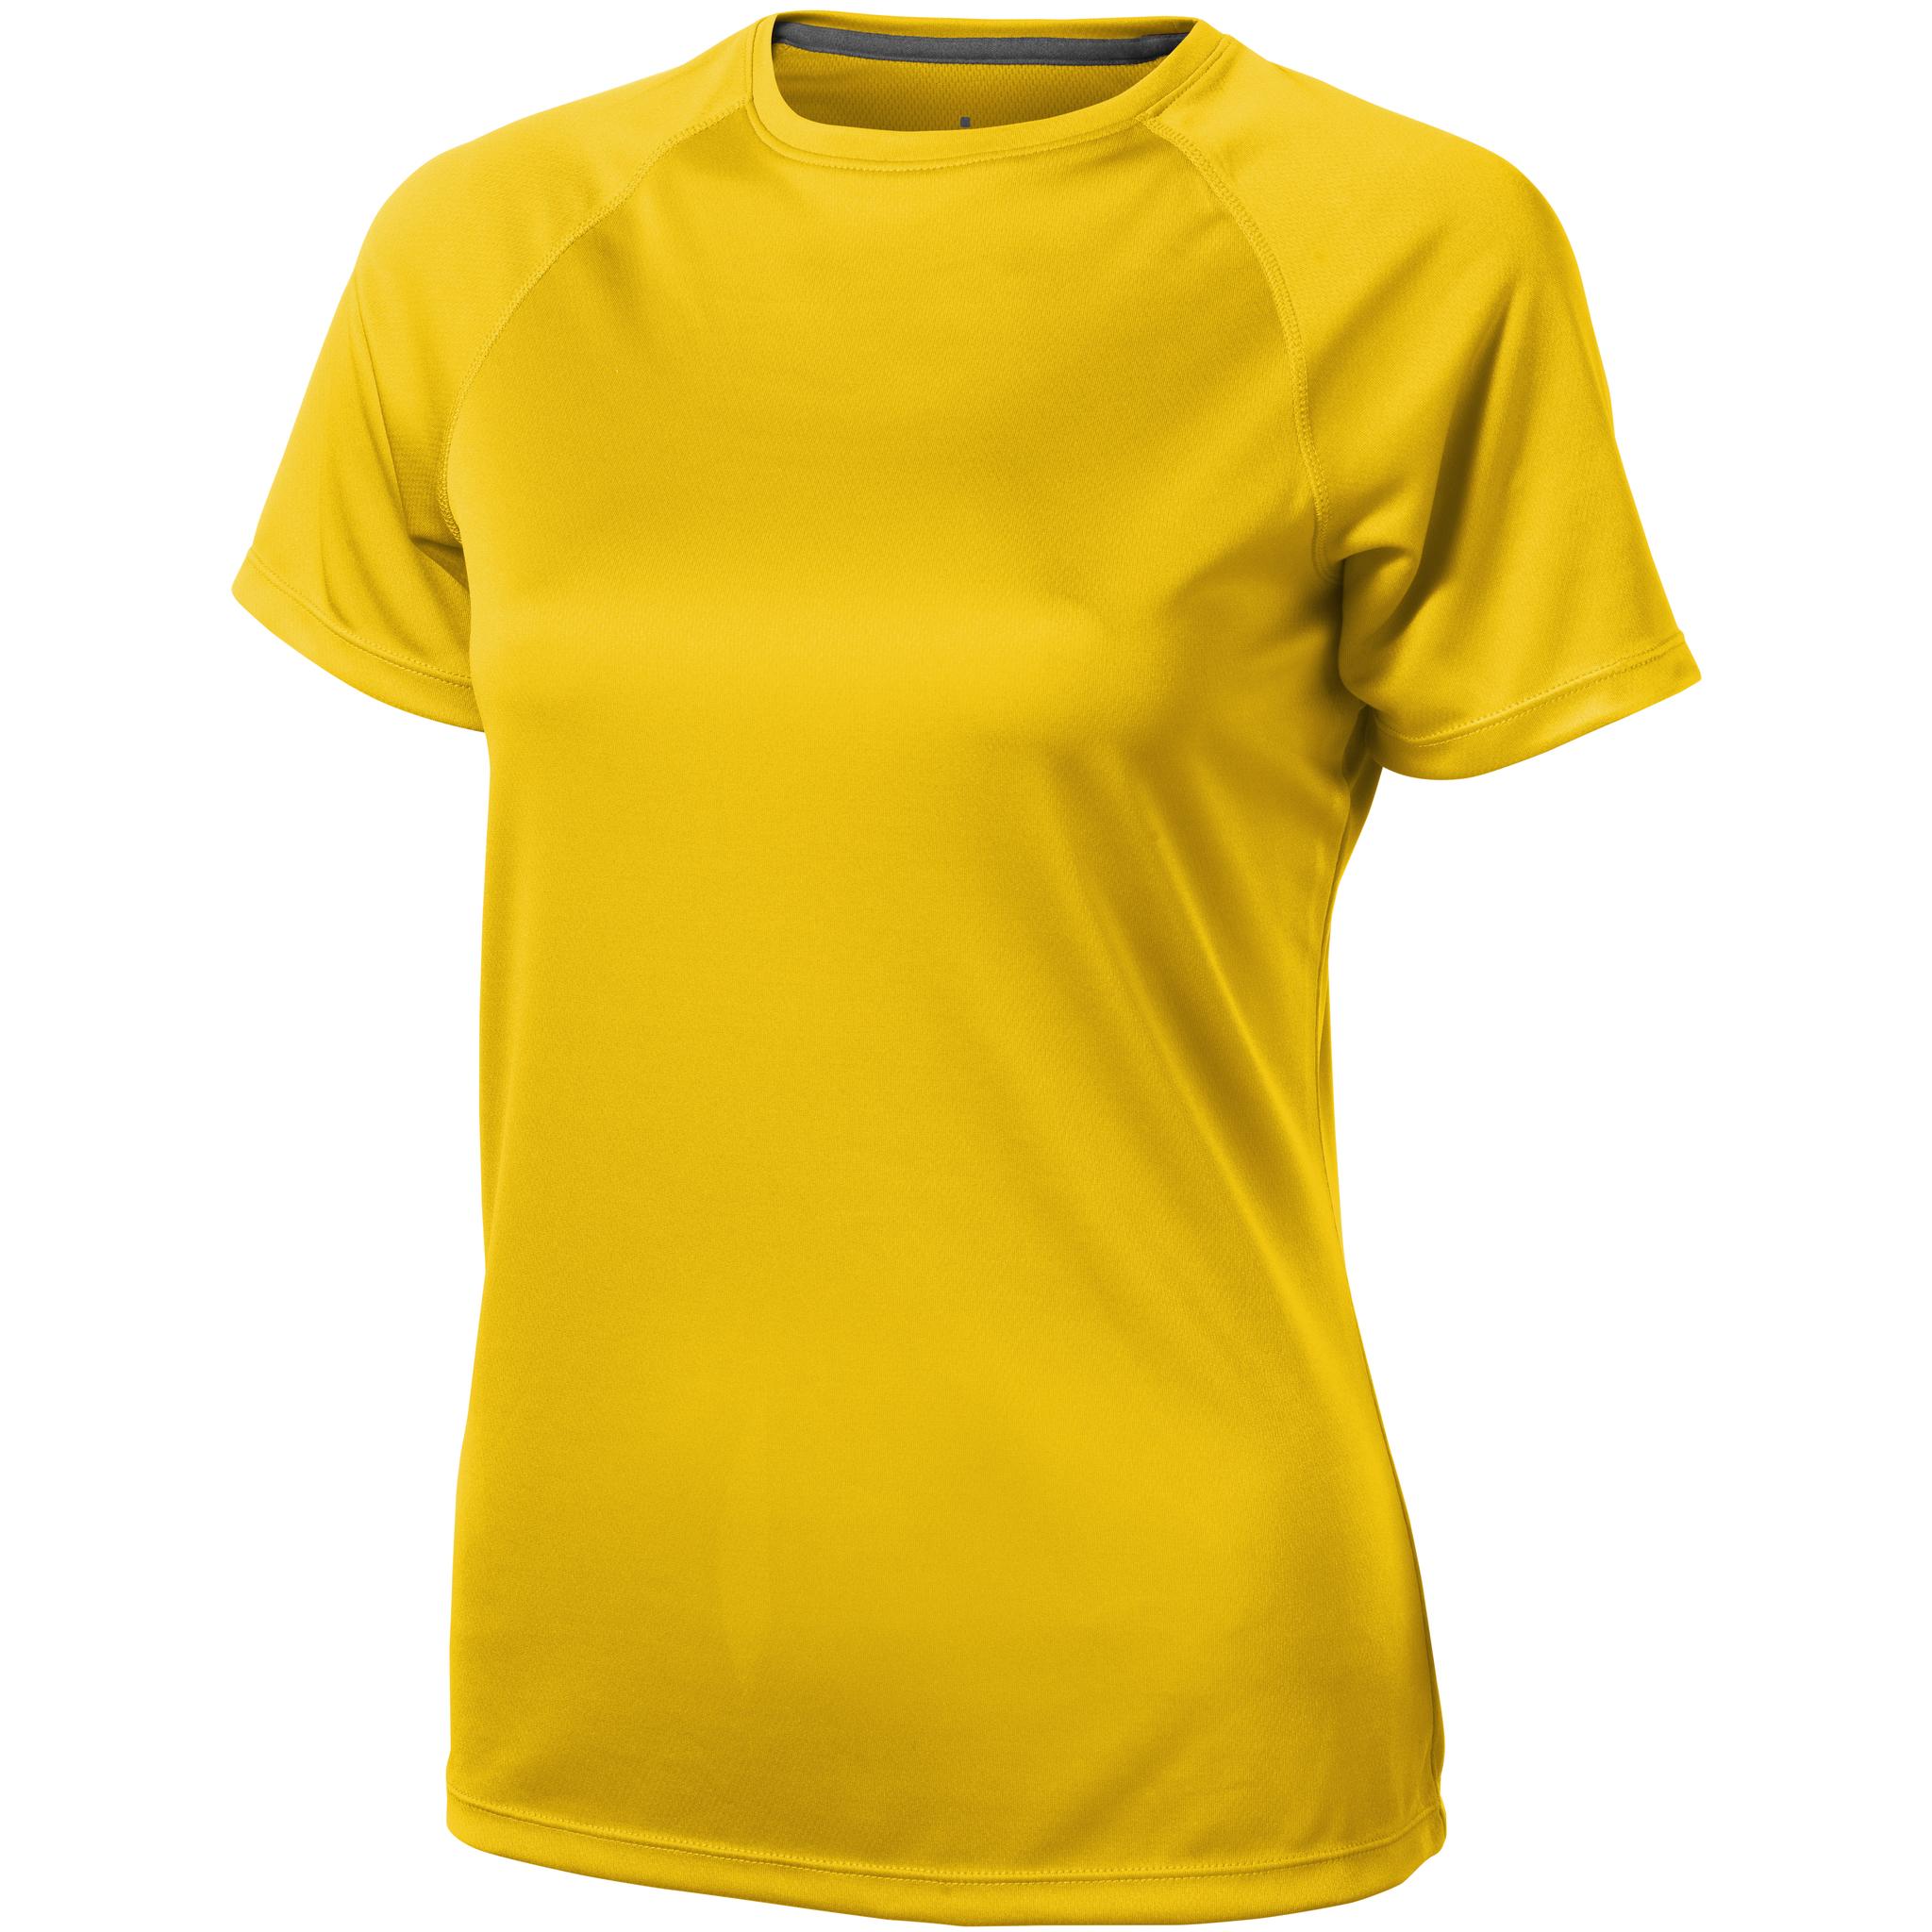 Keltainen Kukka T-paidat Naisten osastolta